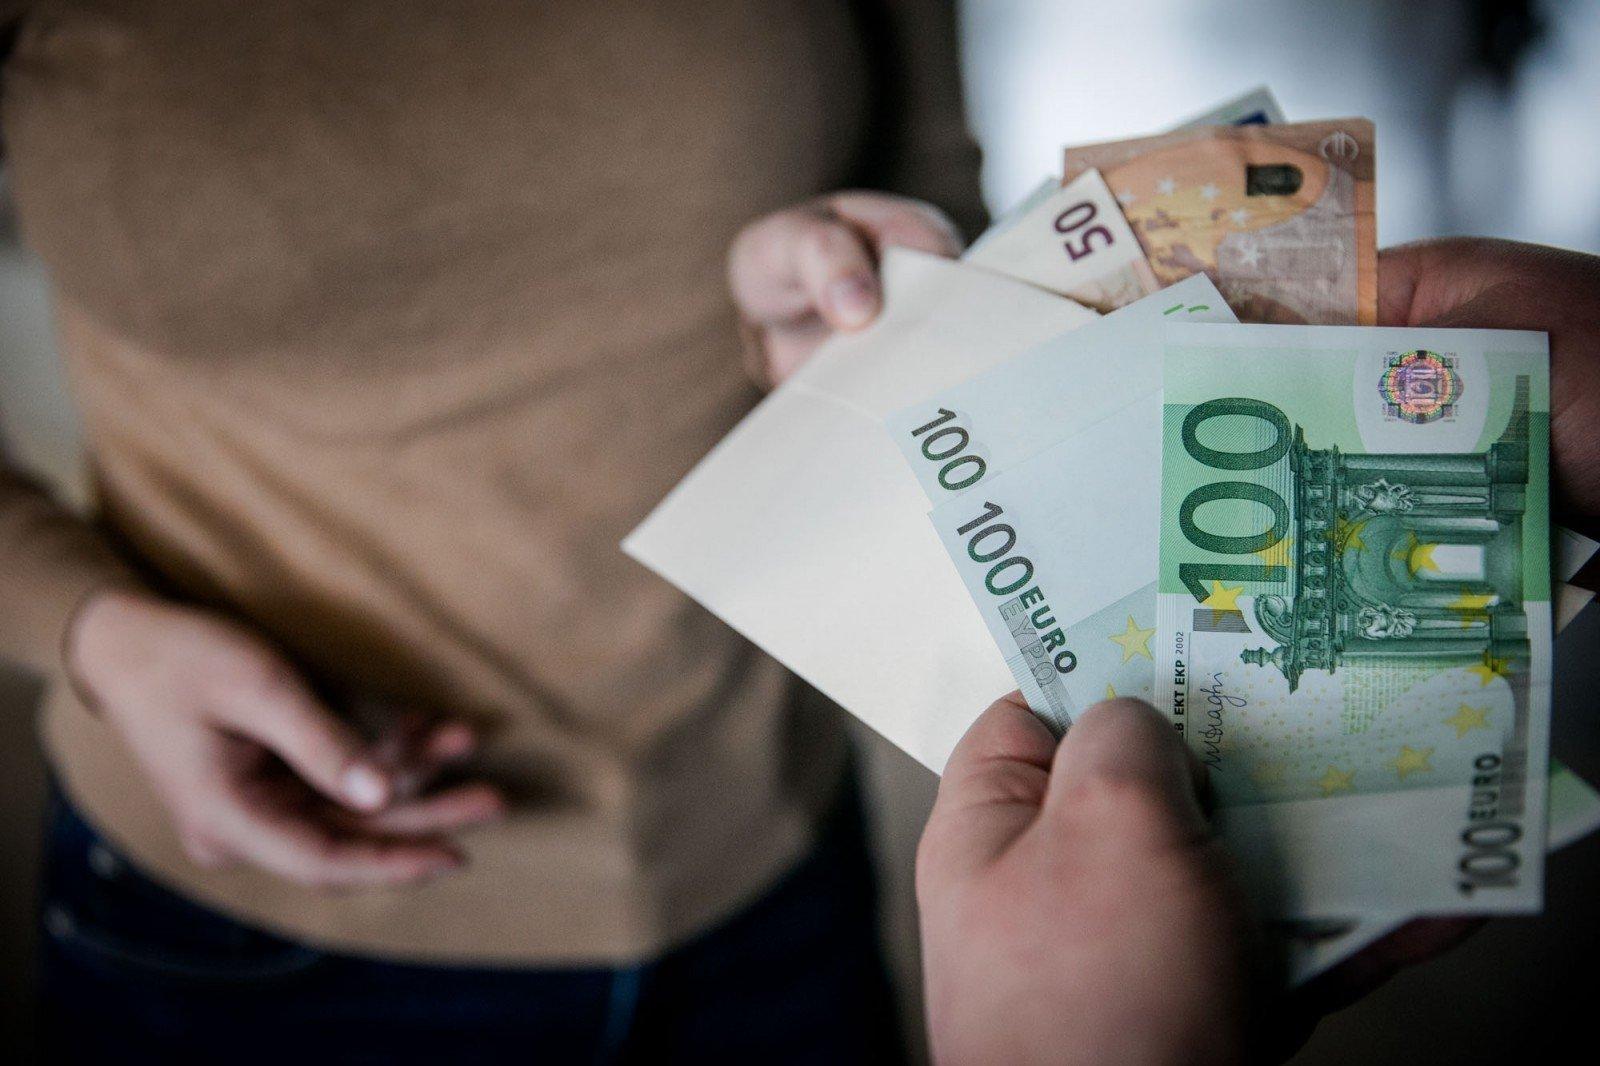 tikri žmonės, kurie uždirbo pinigus)